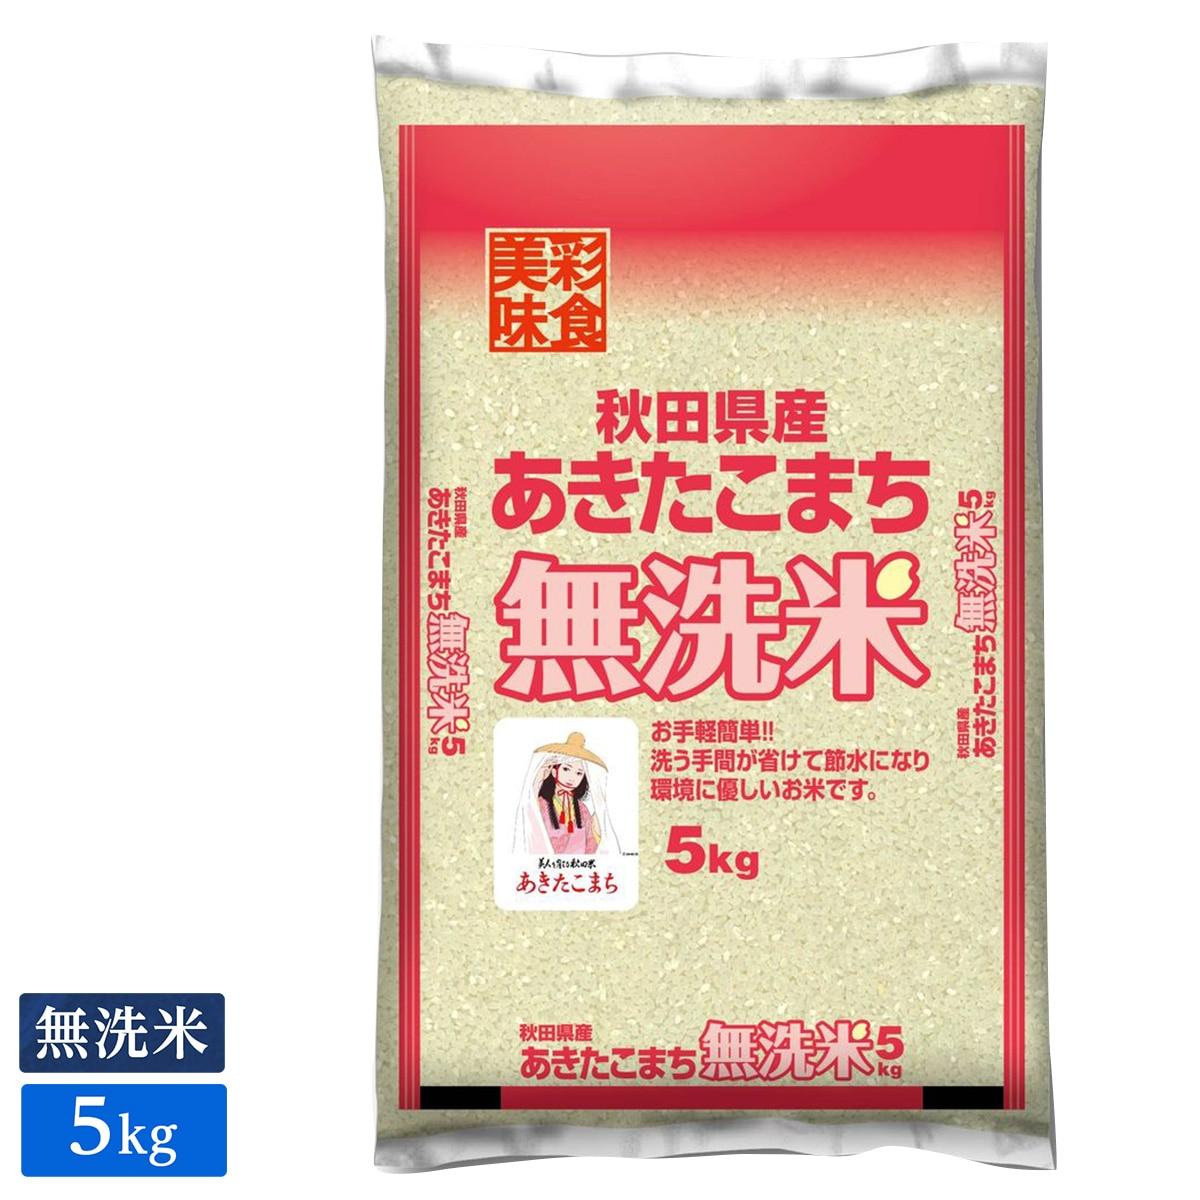 むらせ ■【精米】【新米】【無洗米】秋田県産あきたこまち 5kg 21945